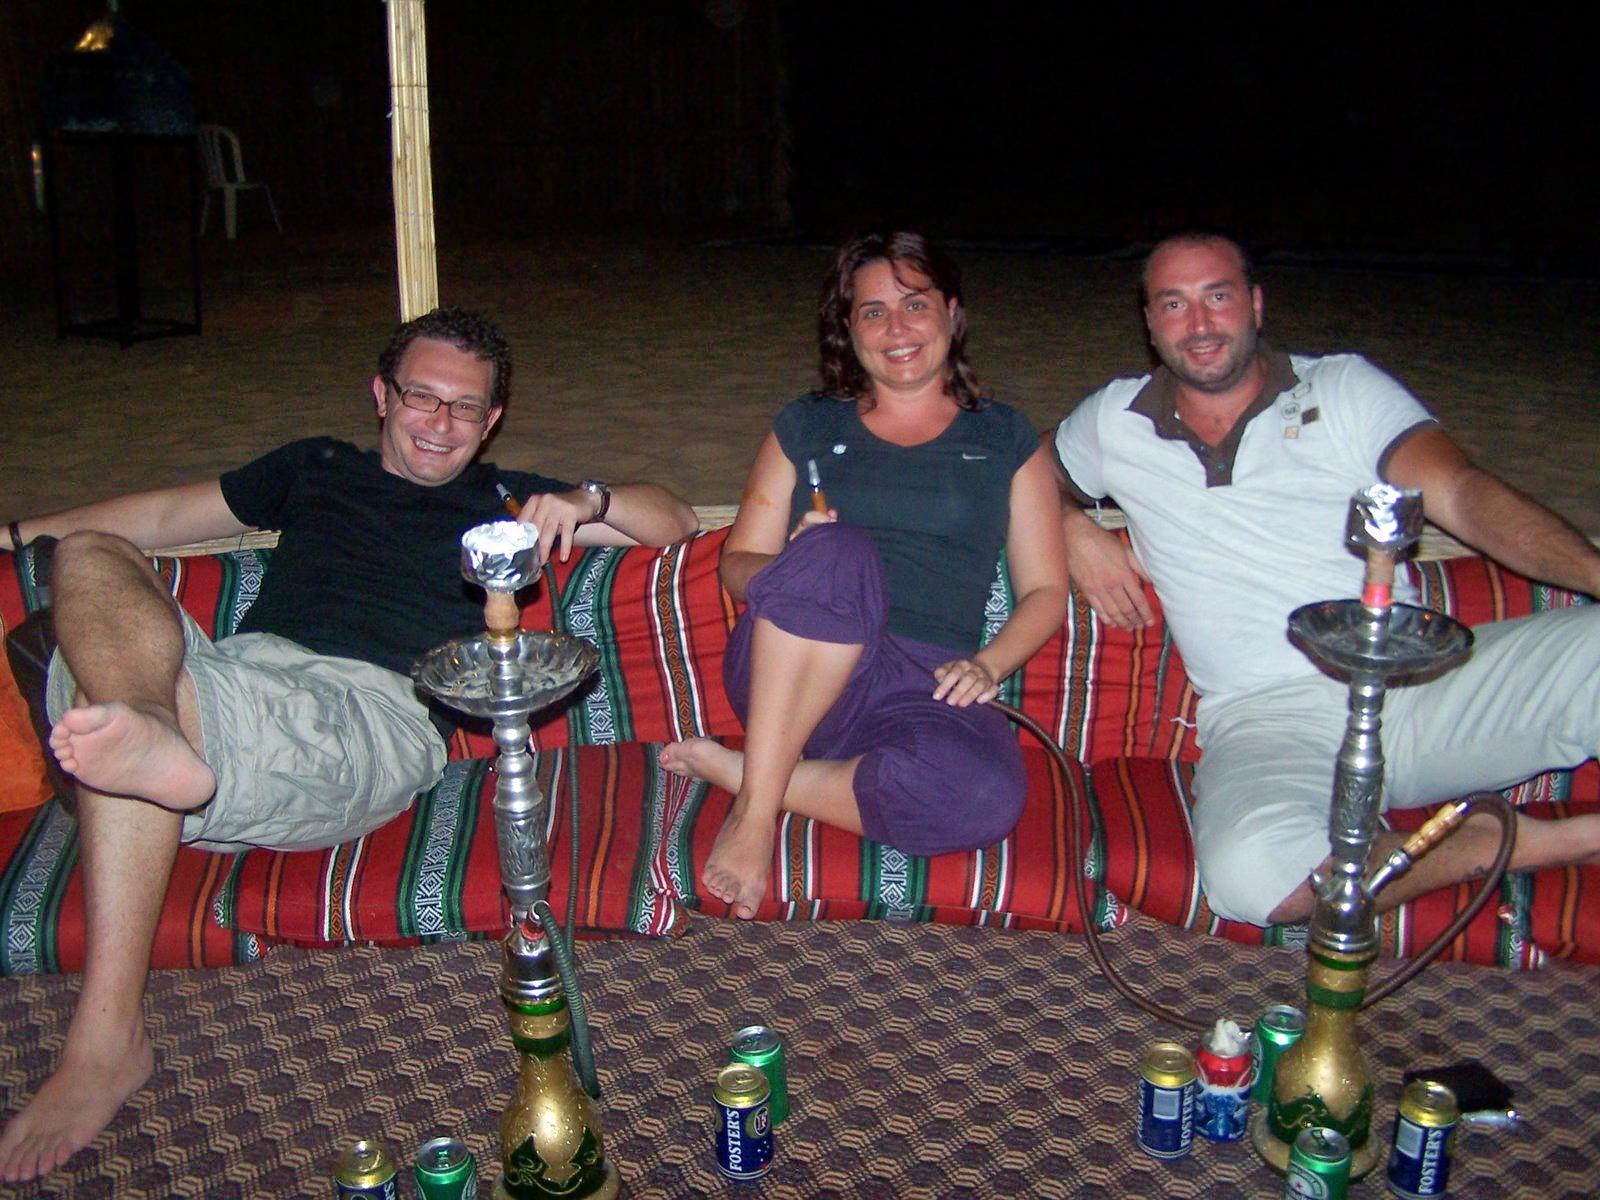 1511267101_overnight-desert-safari-dubai-desert-safari-dubai-bbq-dubai-dubai-desert-safari-henna-painting-dubai-belly-dancing-dubai-01.jpg